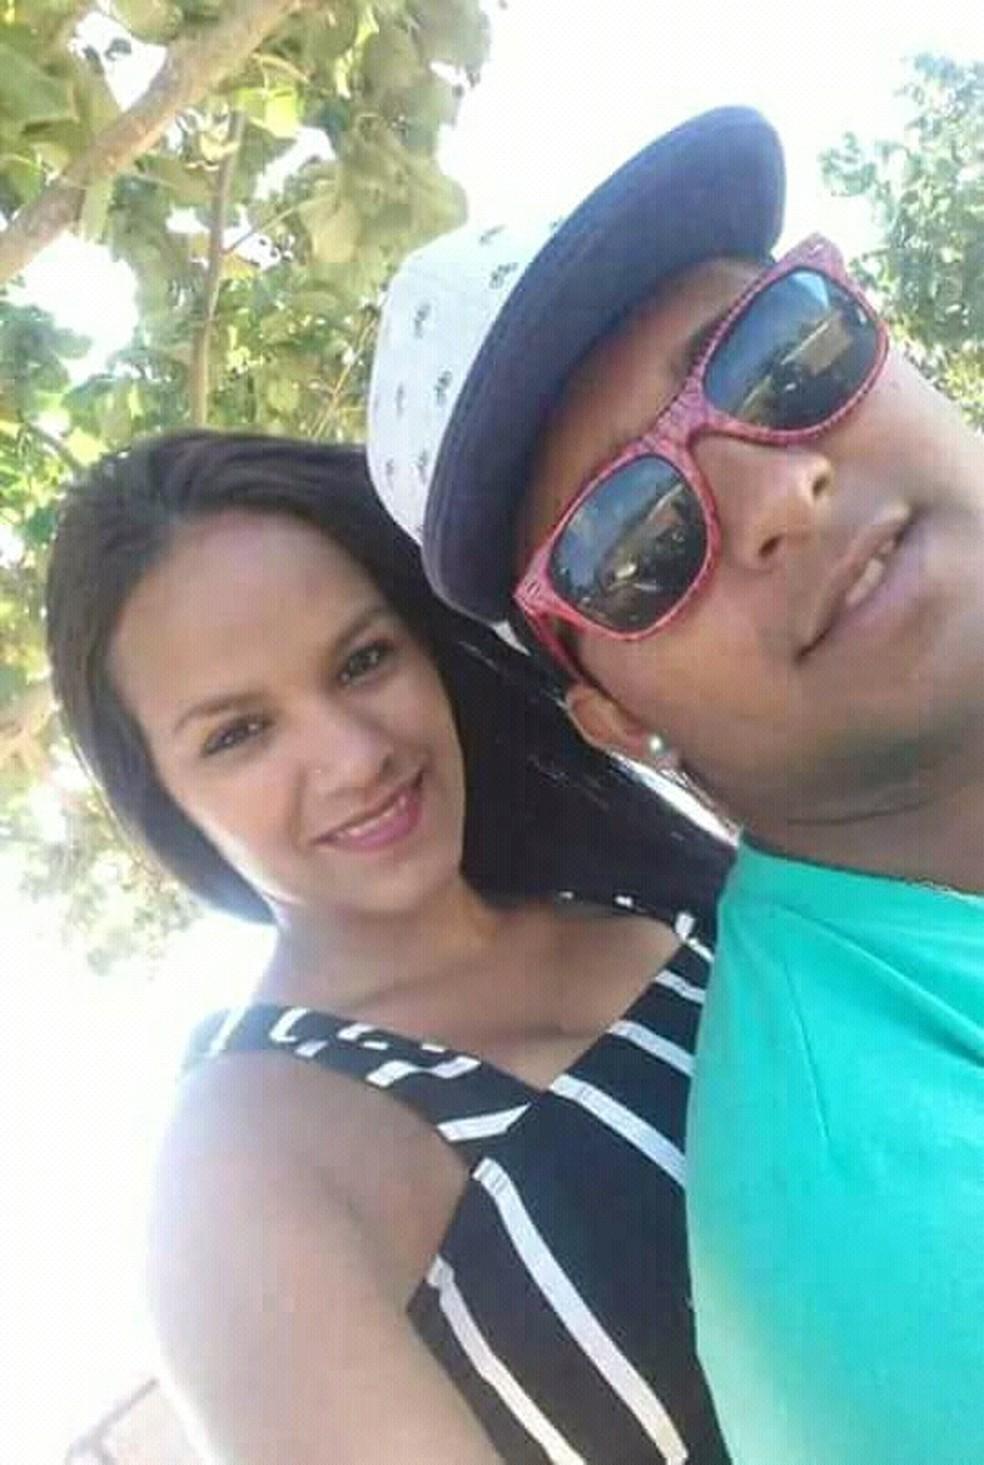 João Everson Costa da Silva e maria Eloíse Augustina da Silva foram mortos durante uma assalto na cidade de Boa Saúde (Foto: Reprodução/Facebook)